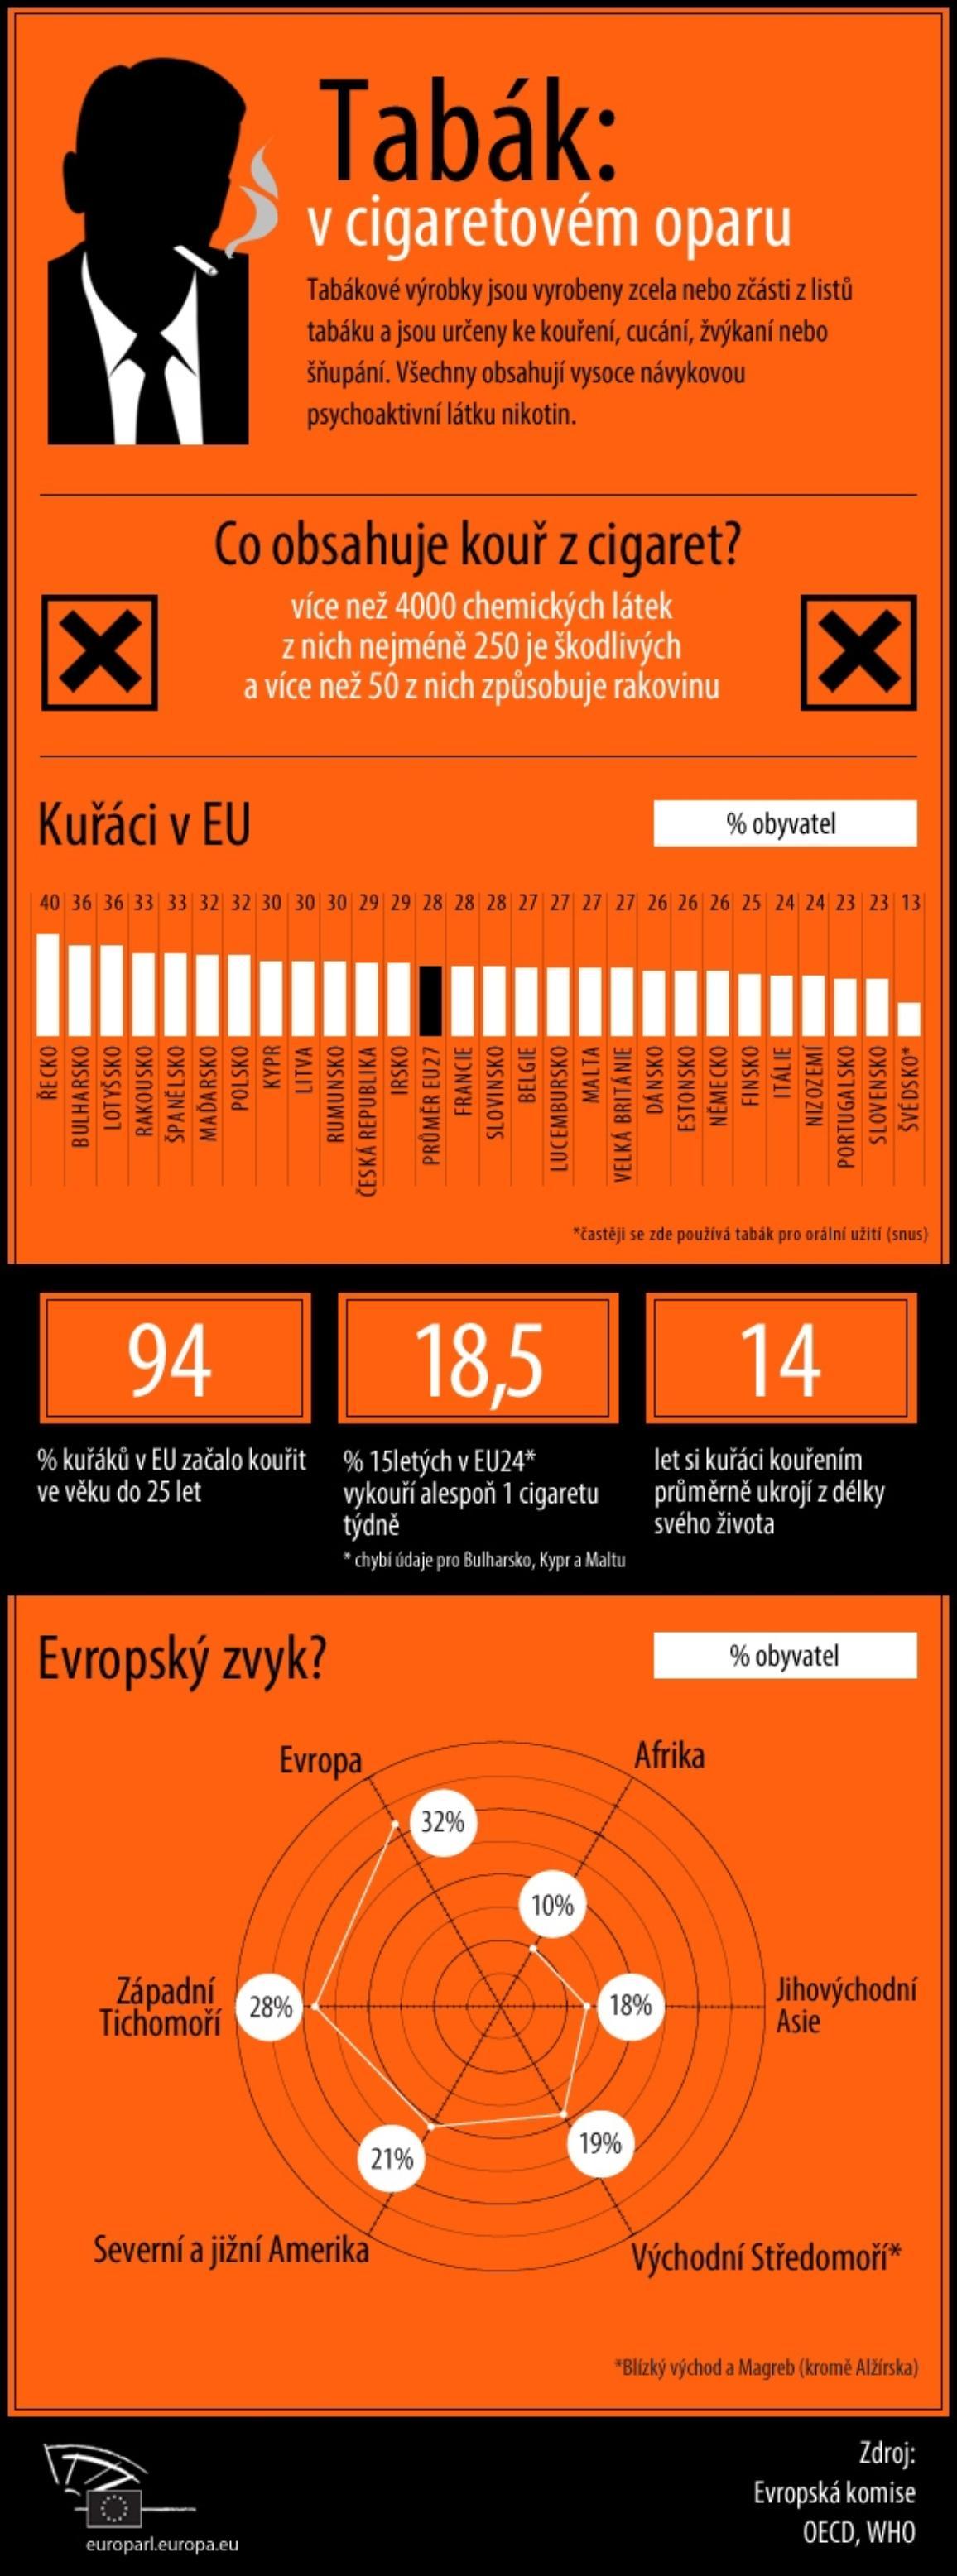 Infografika o tabáku a počtech kuřáků